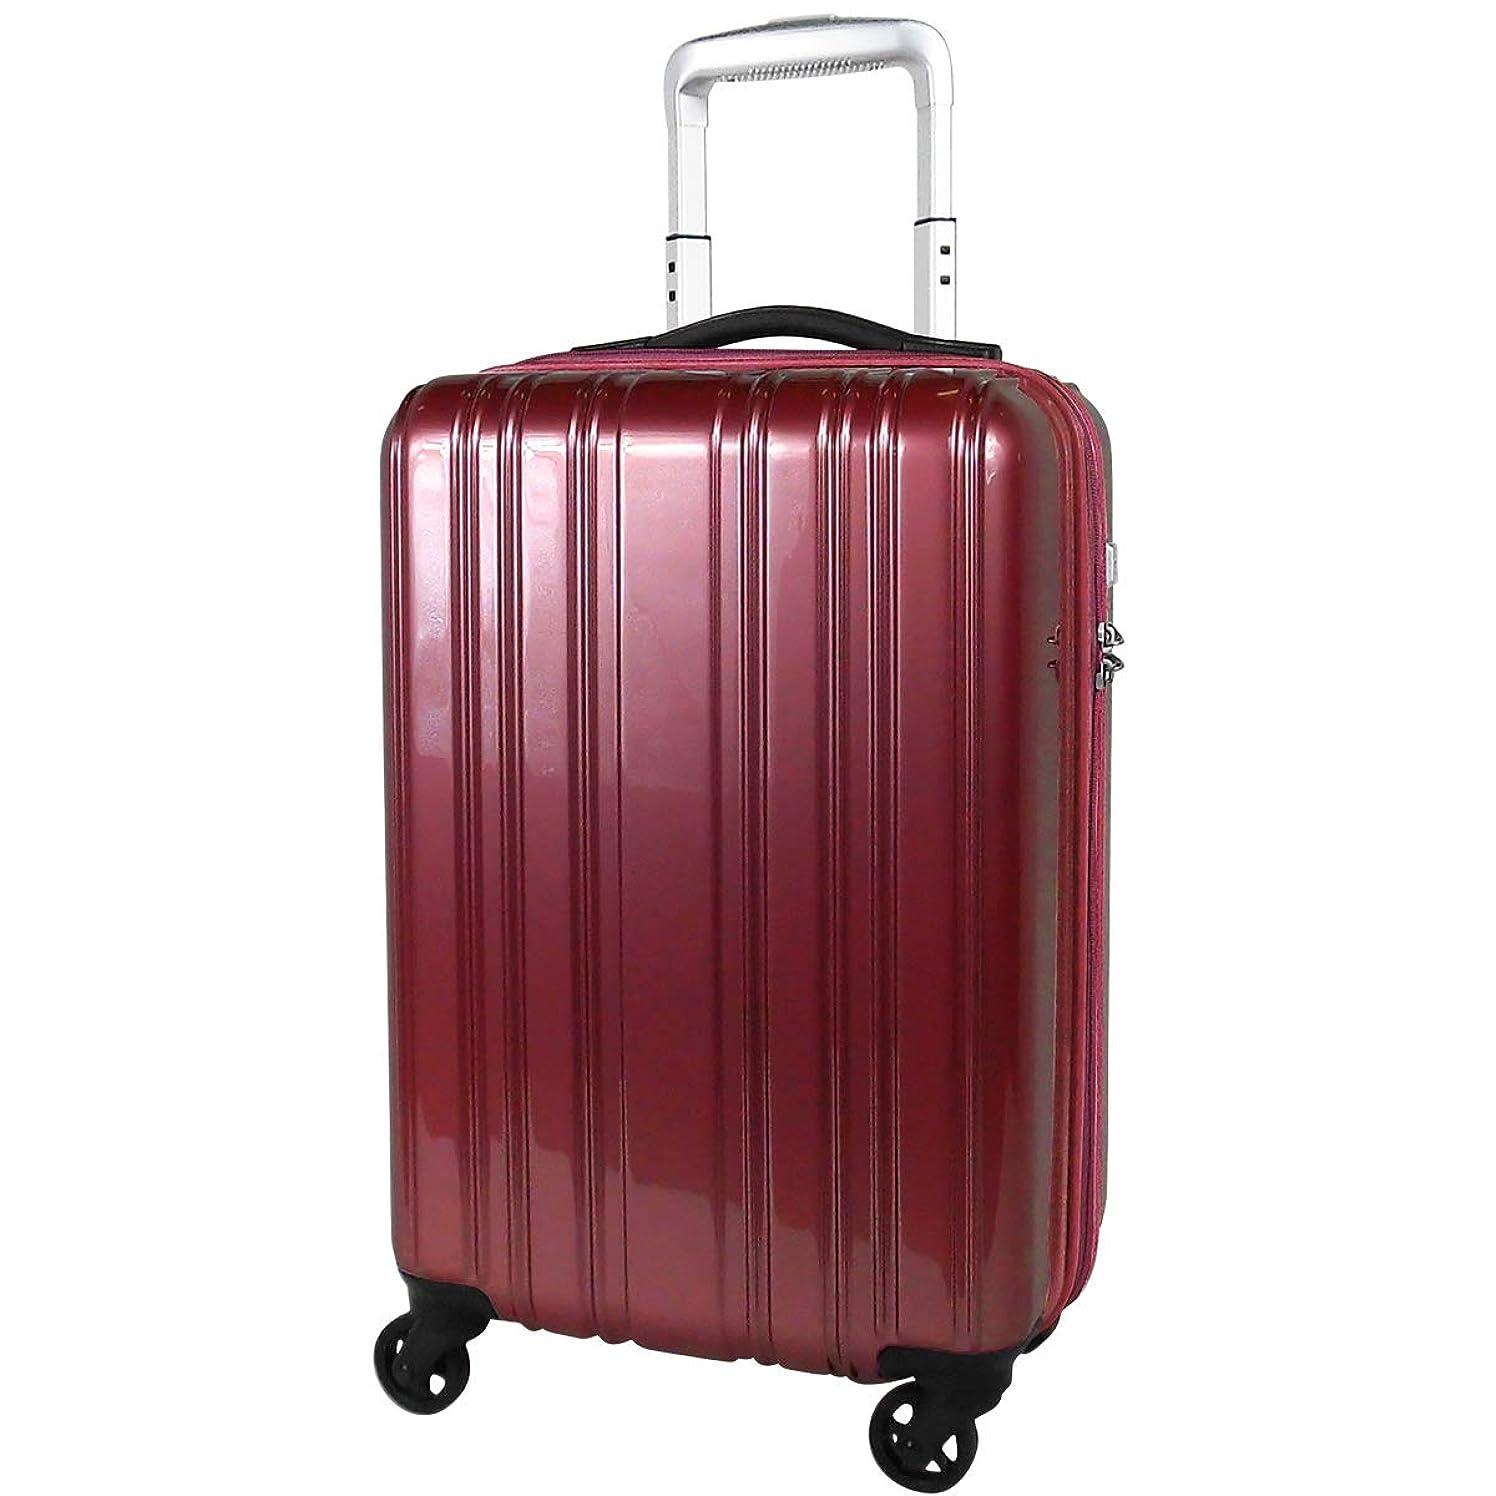 改善の前でエンコミウムスーツケース 超軽量 1.9kg 機内持込 小型 LCC コインロッカー 静かなキャスター TSAロック ポリカボネート 1?3泊 32L Sサイズ SiiiN+Light シーンプラスライト